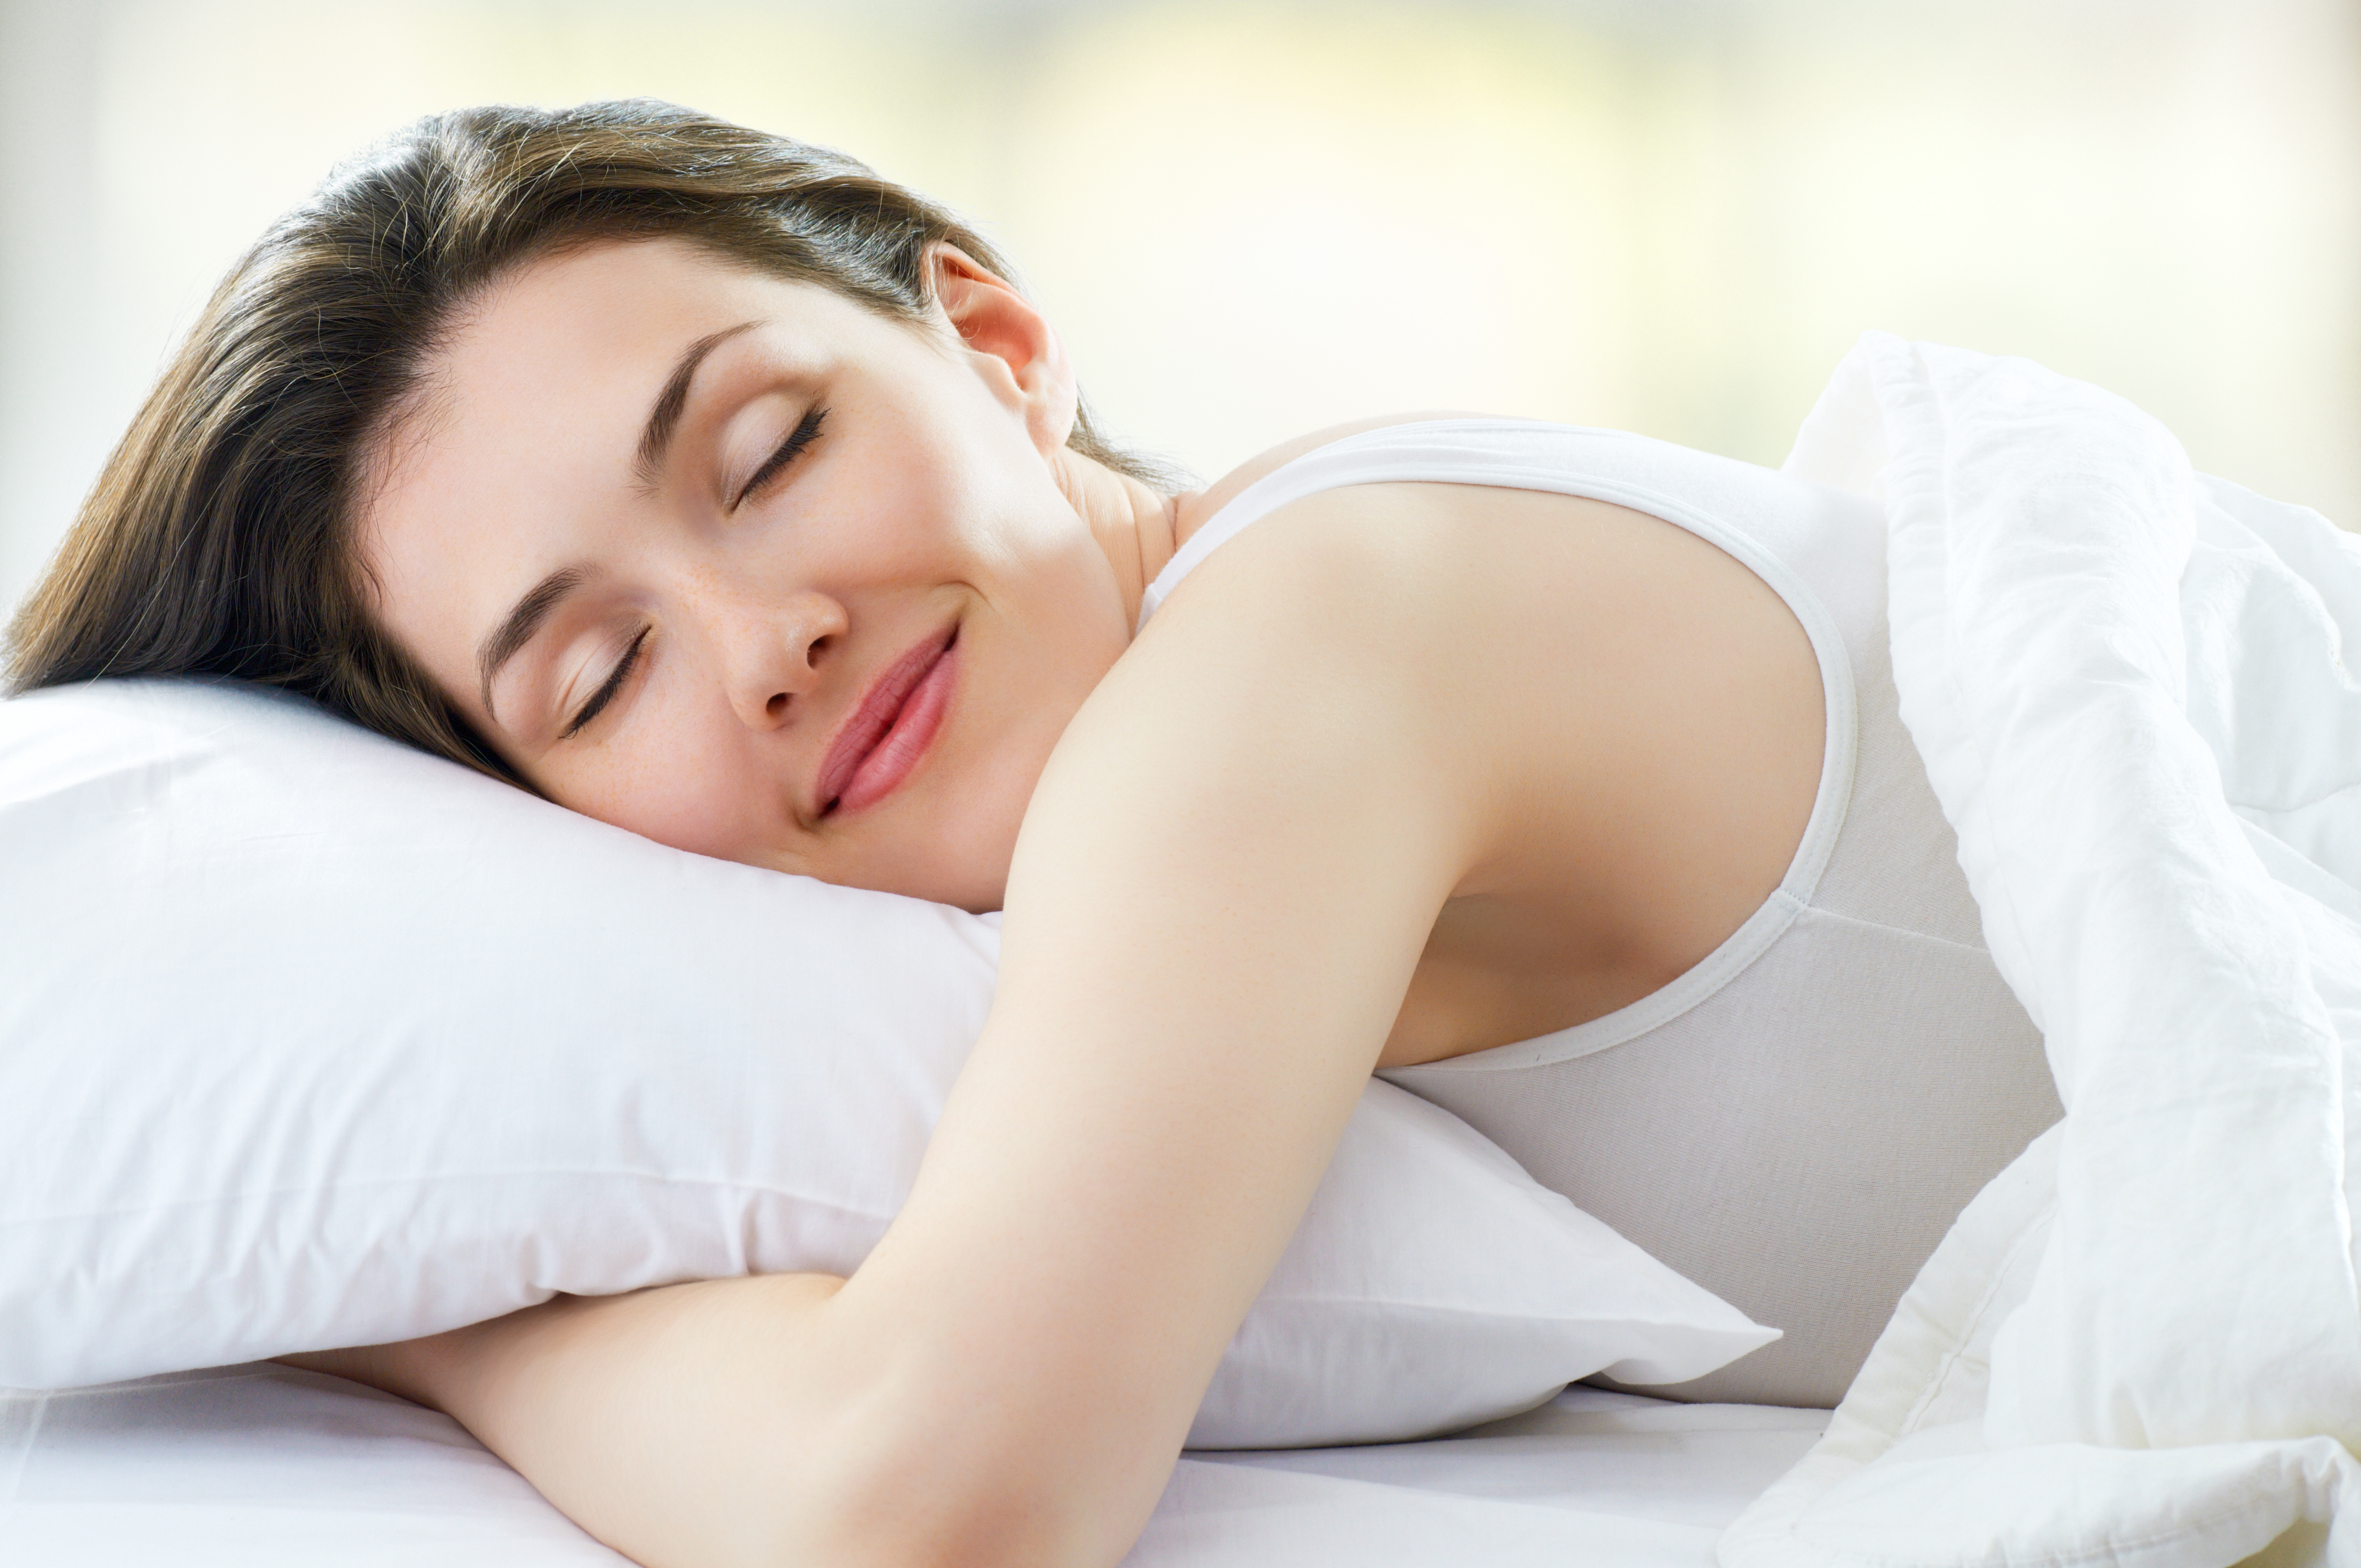 Gündüz Hangi Saatlerde Uyumamalıdır?